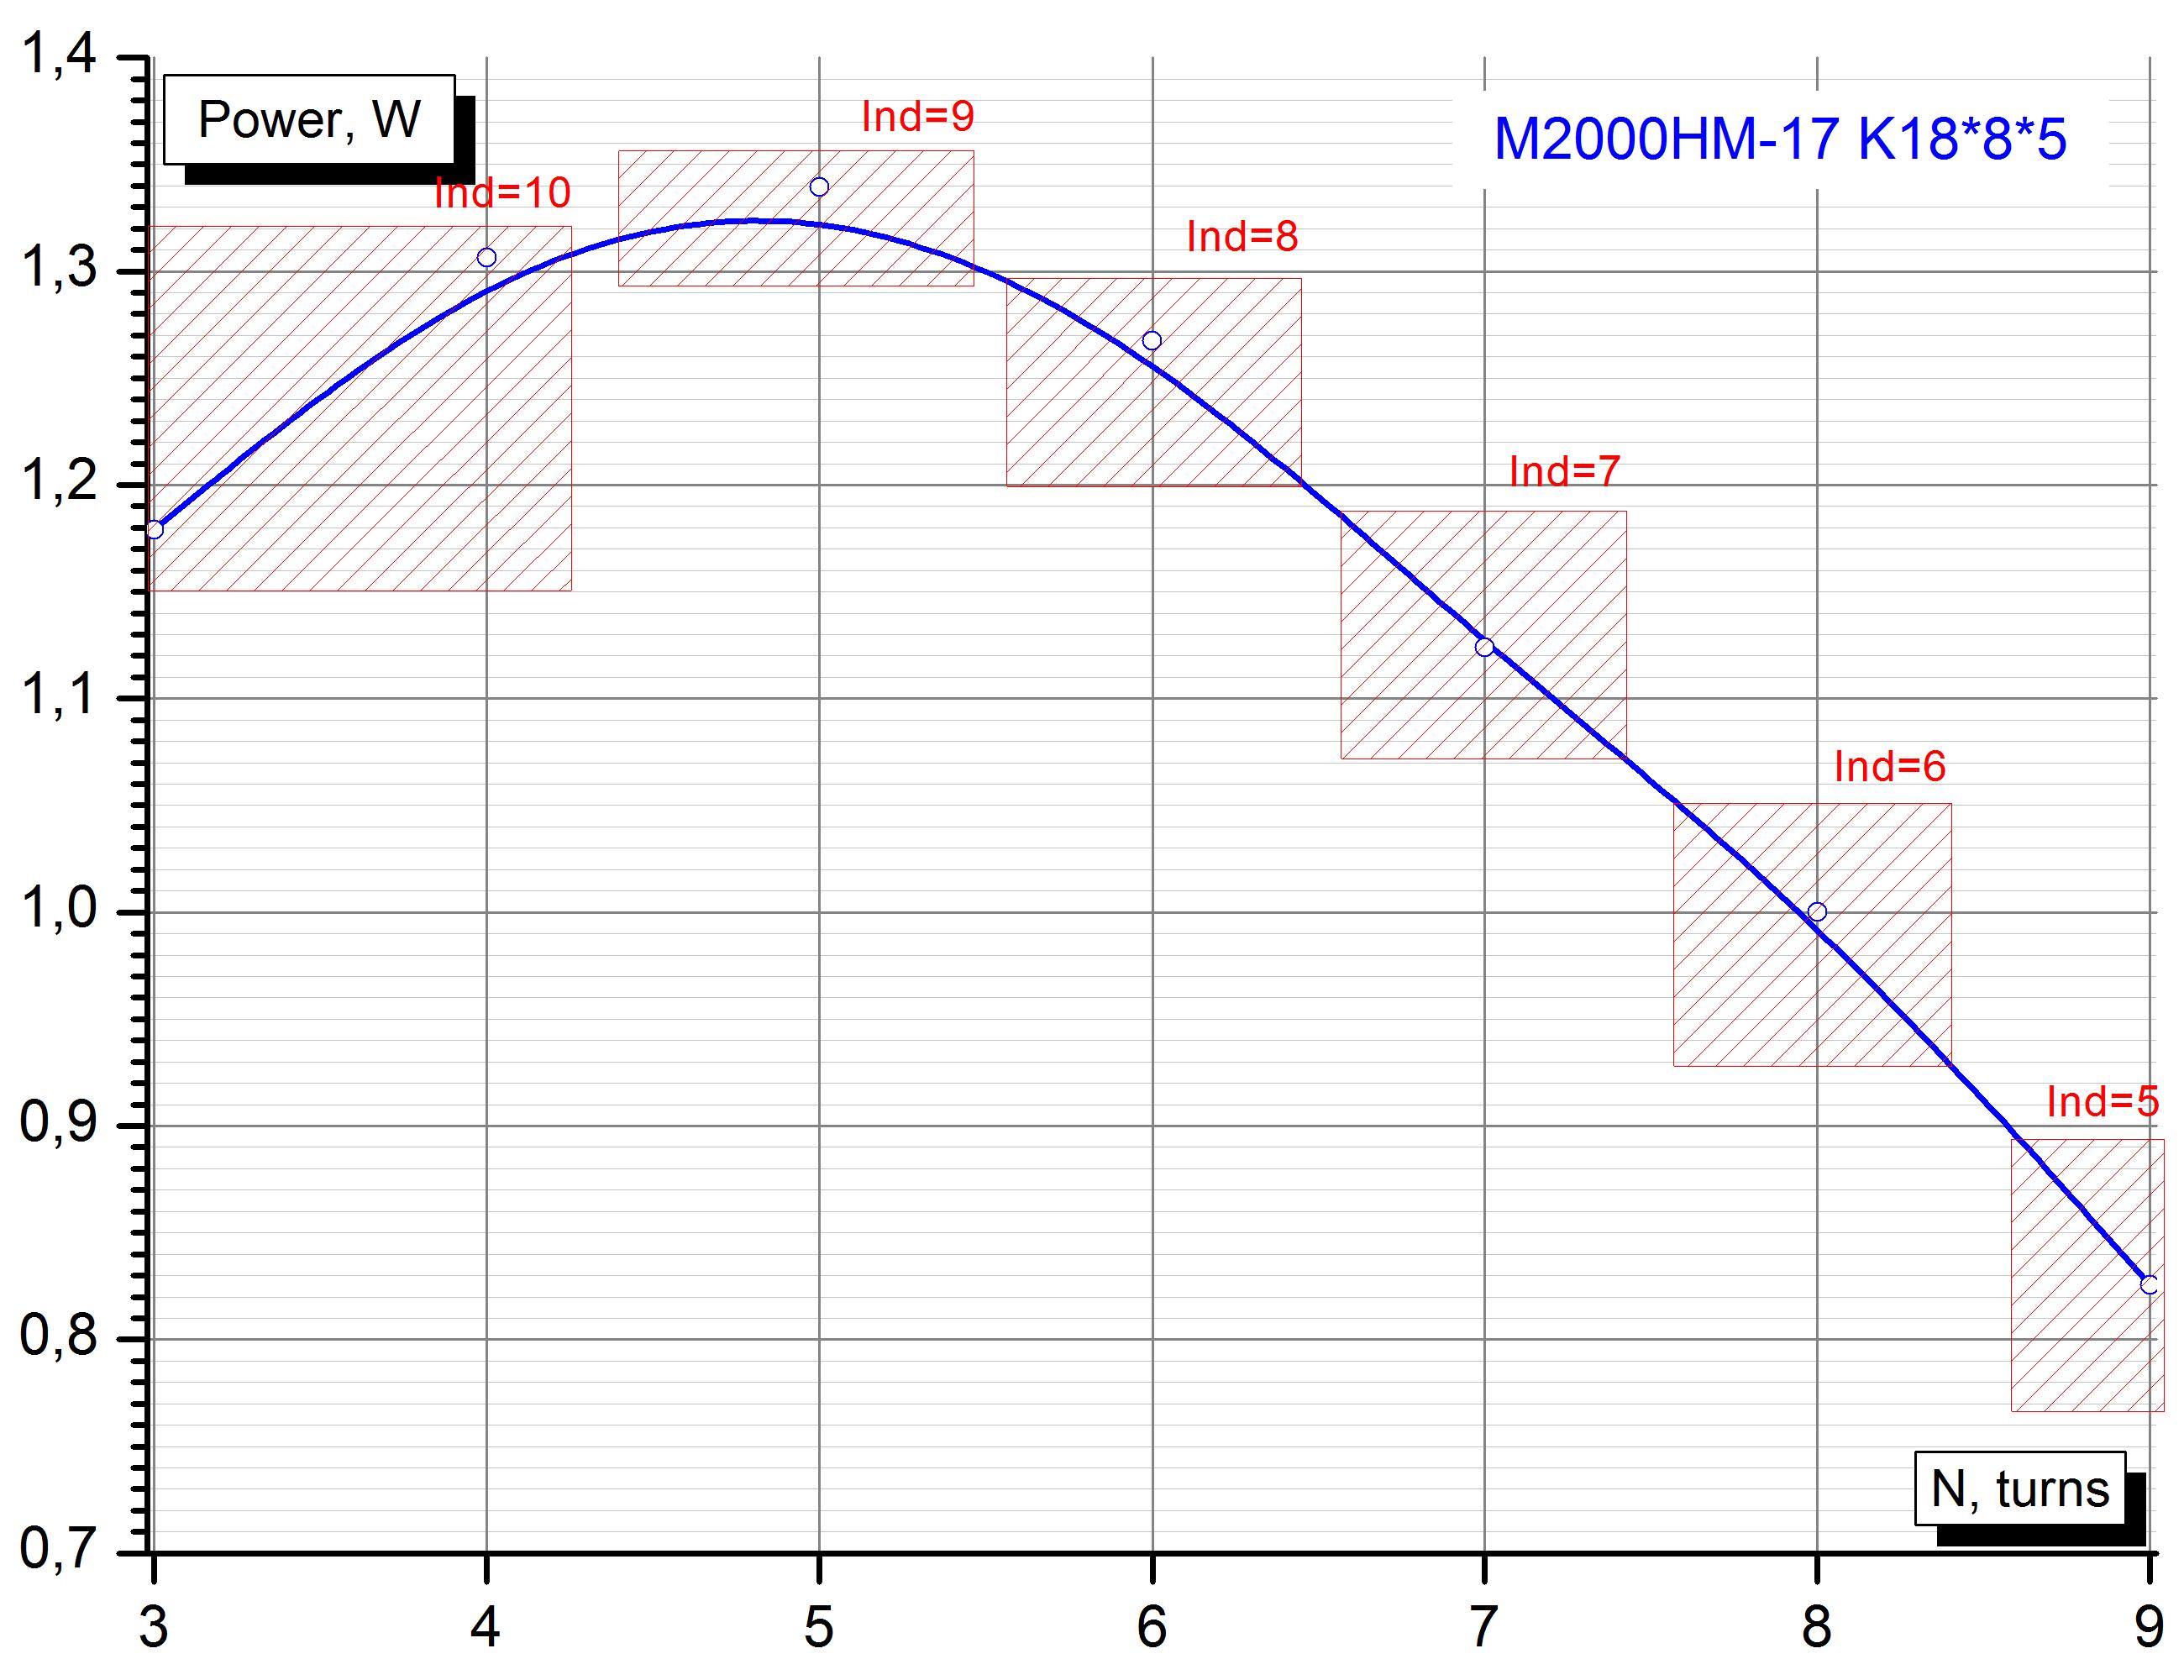 М2000НМ-17 К18*8*5, оптимальное число витков первичной обмотки.